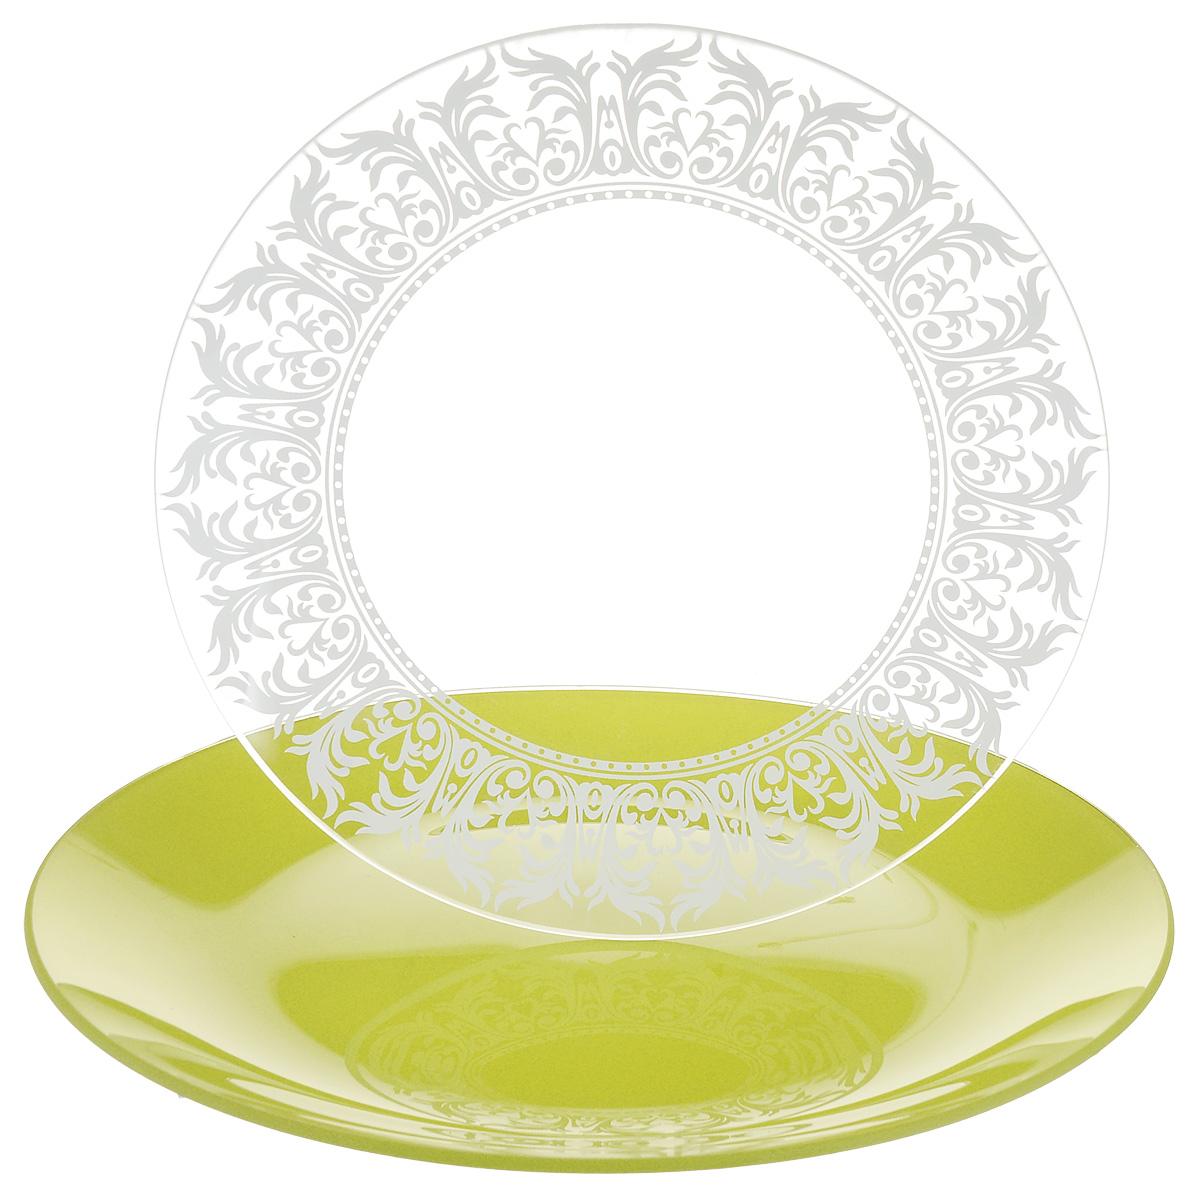 Набор тарелок NiNaGlass, цвет: зеленый, диаметр 20 см, 2 шт. 85-200-144псз85-200-144псзНабор тарелок NiNaGlass Кружево и Палитра выполнена из высококачественного стекла, декорирована под Вологодское кружево и подстановочная тарелка яркий насыщенный цвет. Набор идеален для подачи горячих блюд, сервировки праздничного стола, нарезок, салатов, овощей и фруктов. Он отлично подойдет как для повседневных, так и для торжественных случаев. Такой набор прекрасно впишется в интерьер вашей кухни и станет достойным дополнением к кухонному инвентарю.